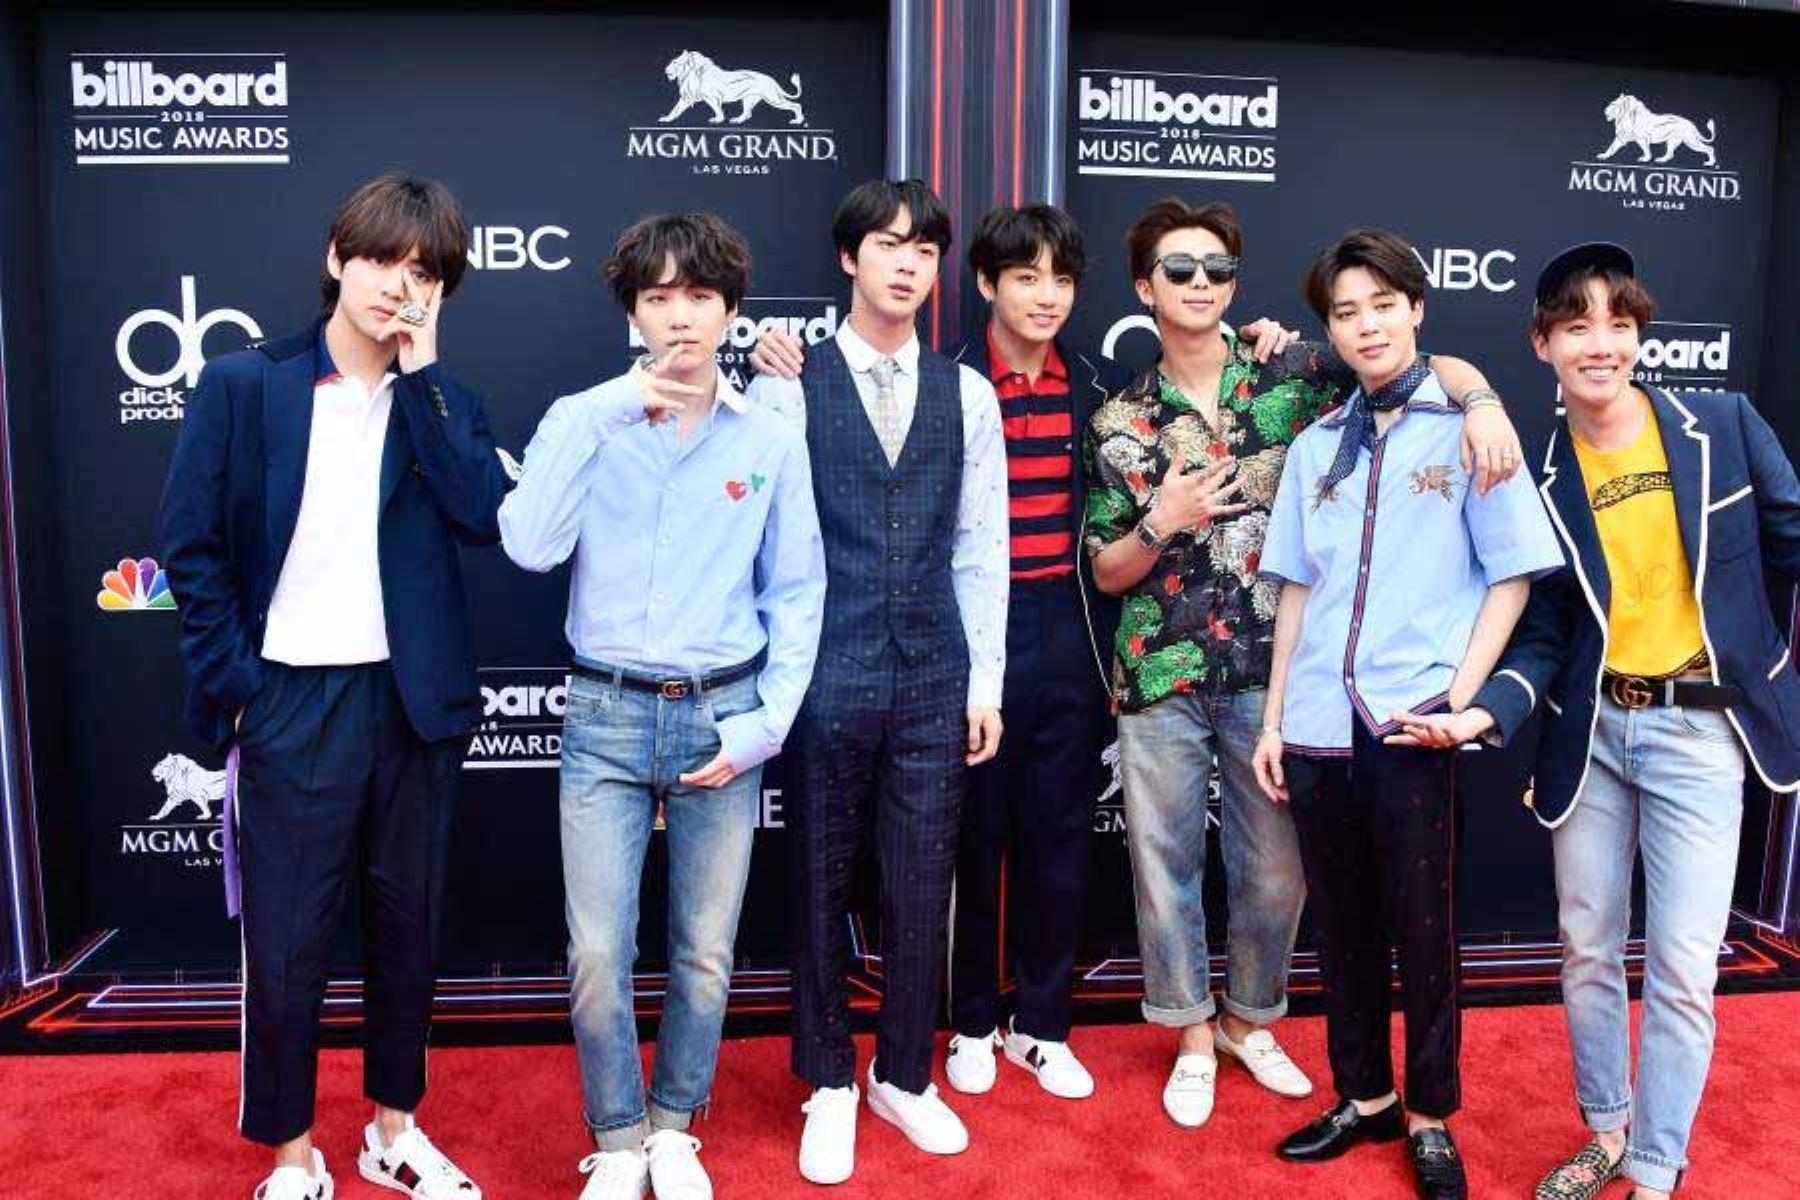 Siete miembros conforman el grupo de k-pop BTS.  Foto: AFP